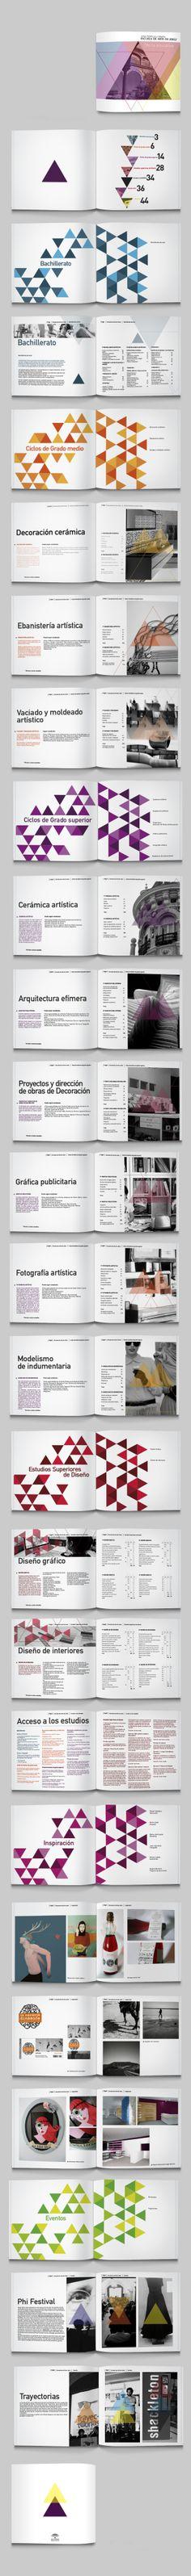 Catálogo escolar by Felipe LaviM, via Behance